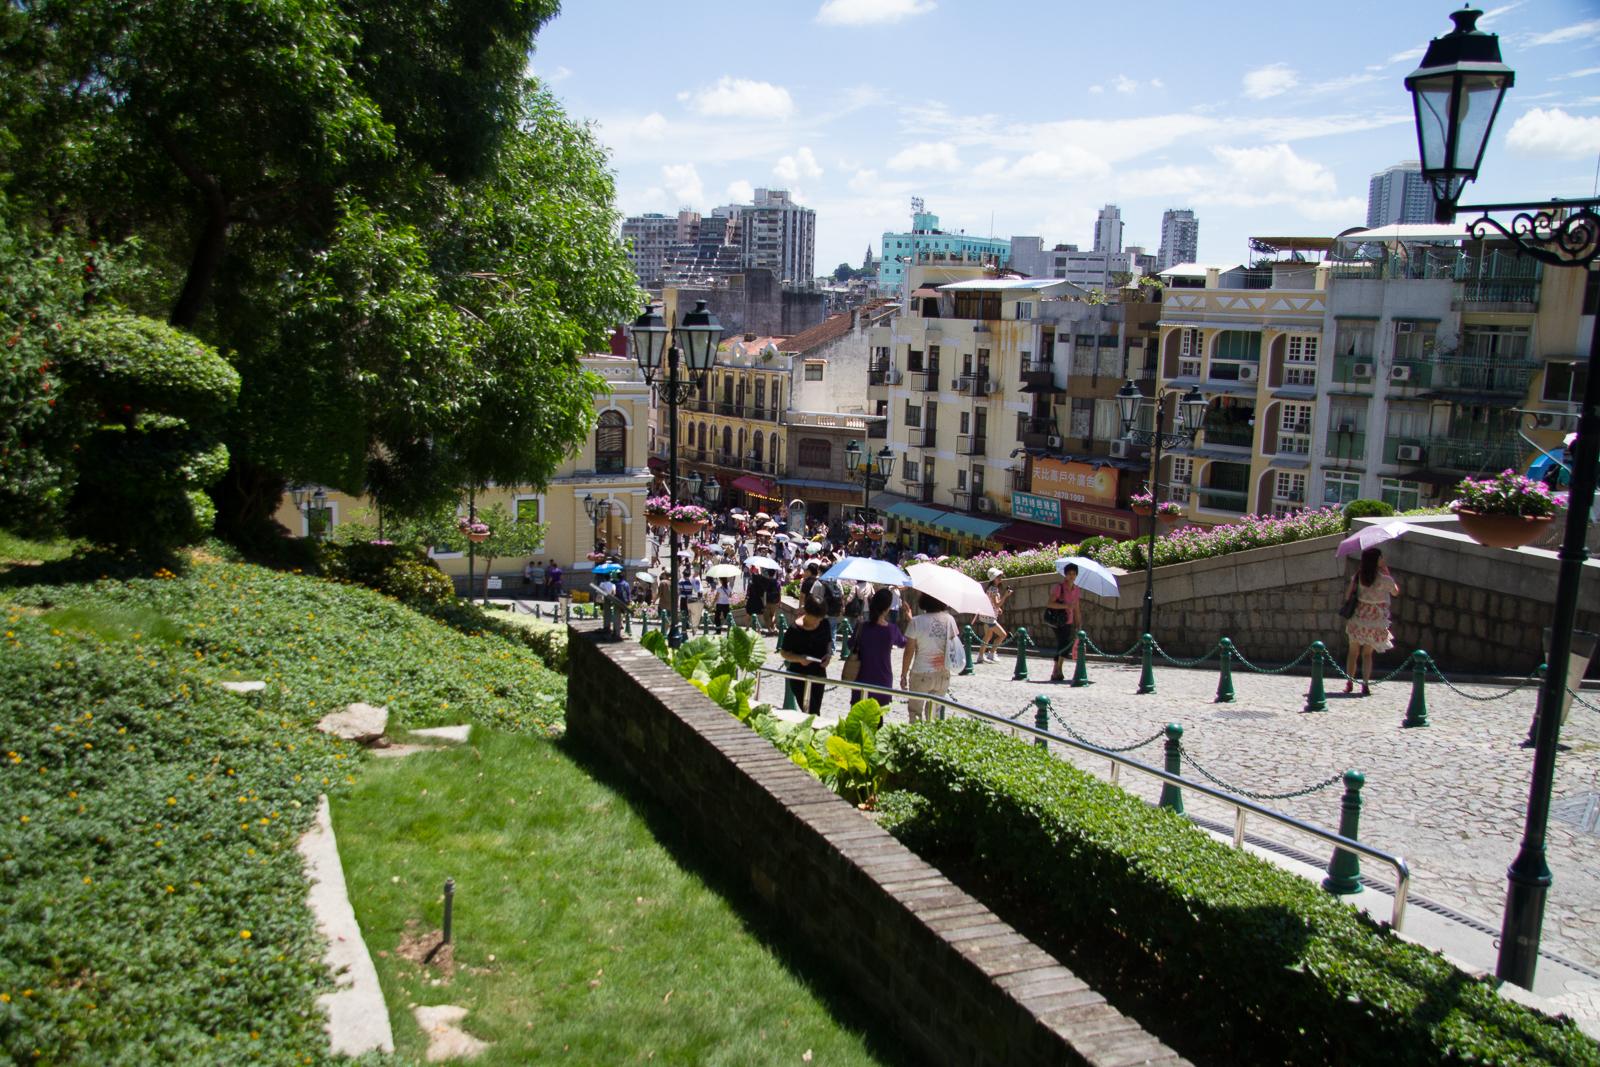 20110820 - Macau -110820 -006